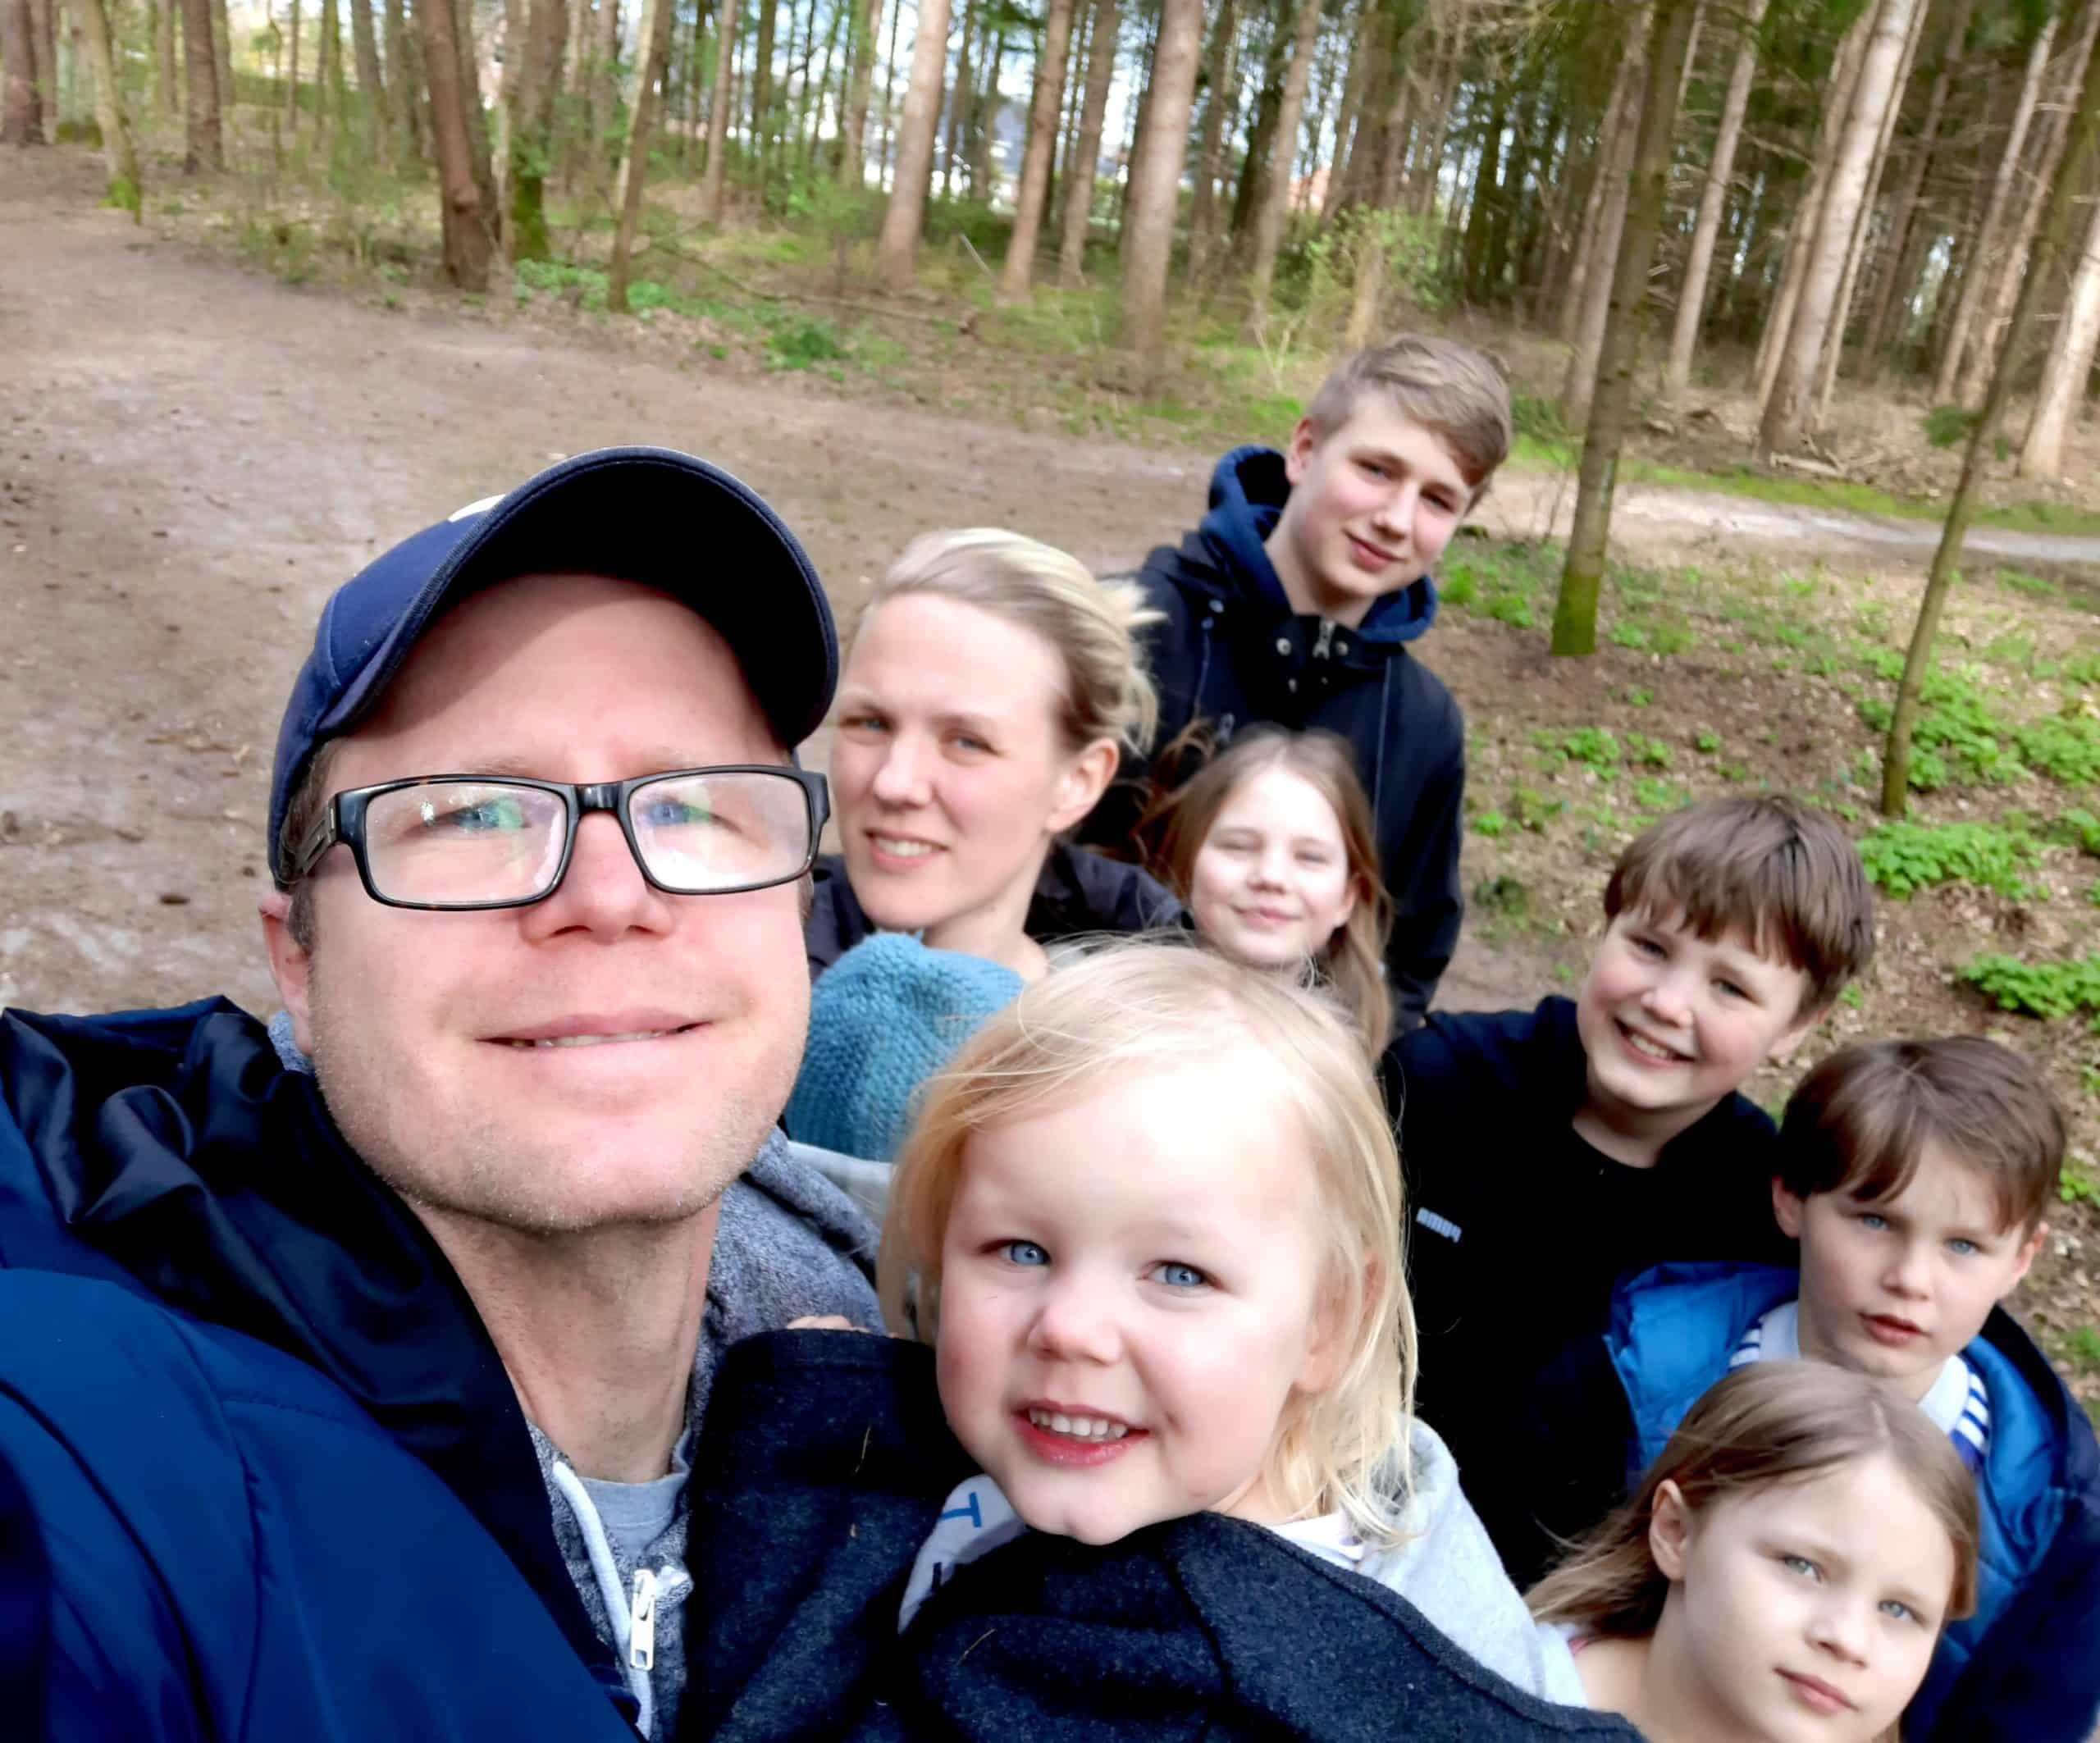 Großfamilie: Mit sieben Kinder durch die Quarantäne